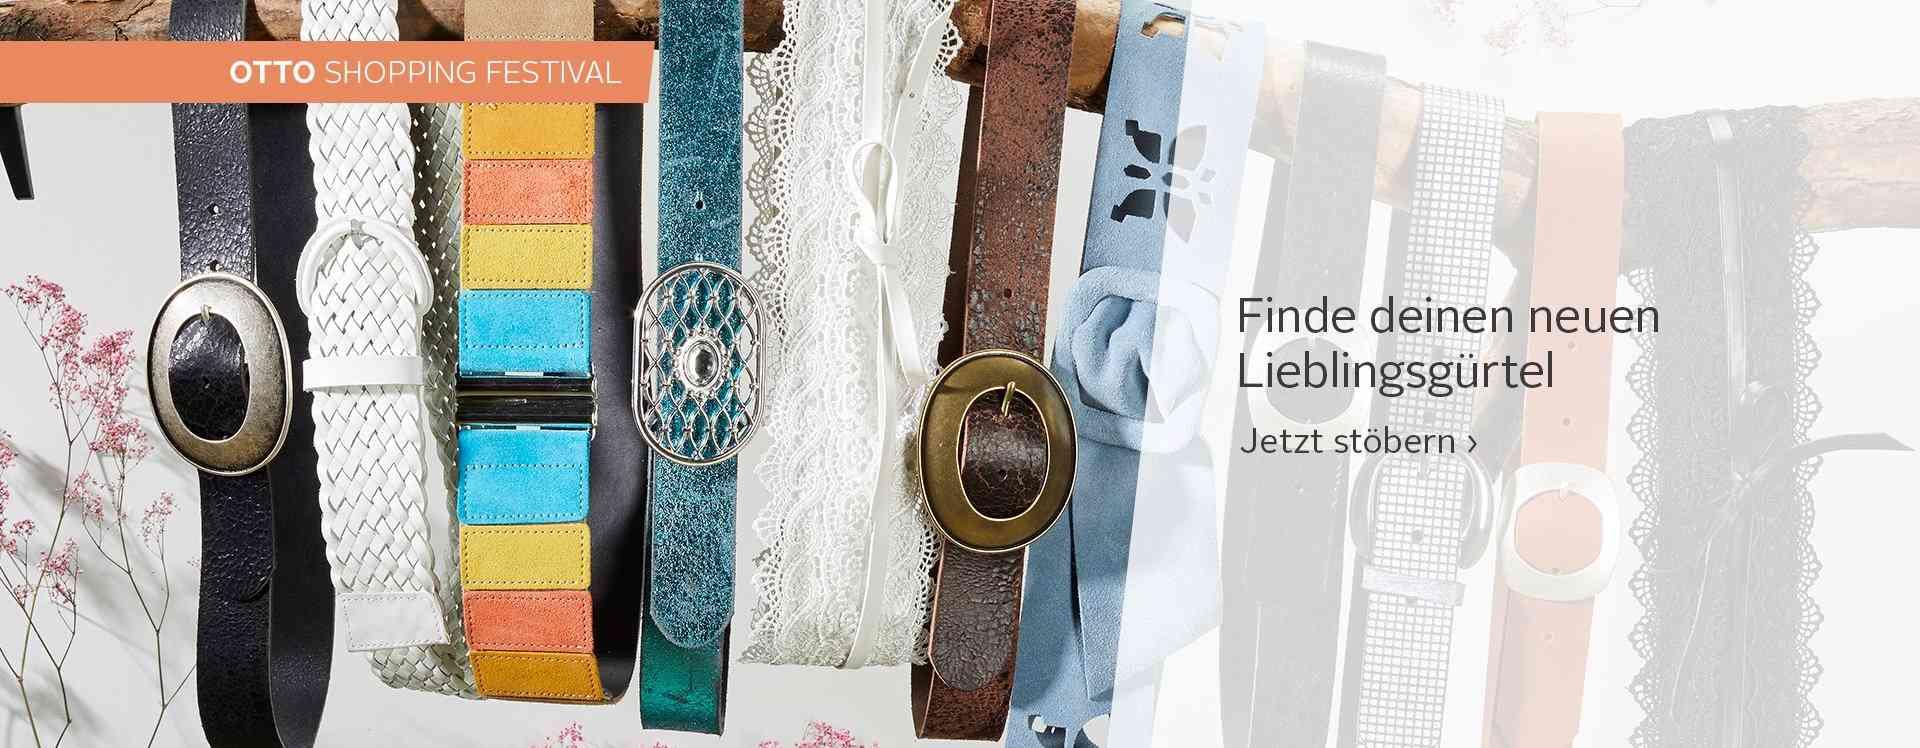 Ob klassisch durch die Gürtelschlaufe gezogen oder um die Taille gelegt: Gürtel sind immer ein stylisches und praktisches Accessoires.